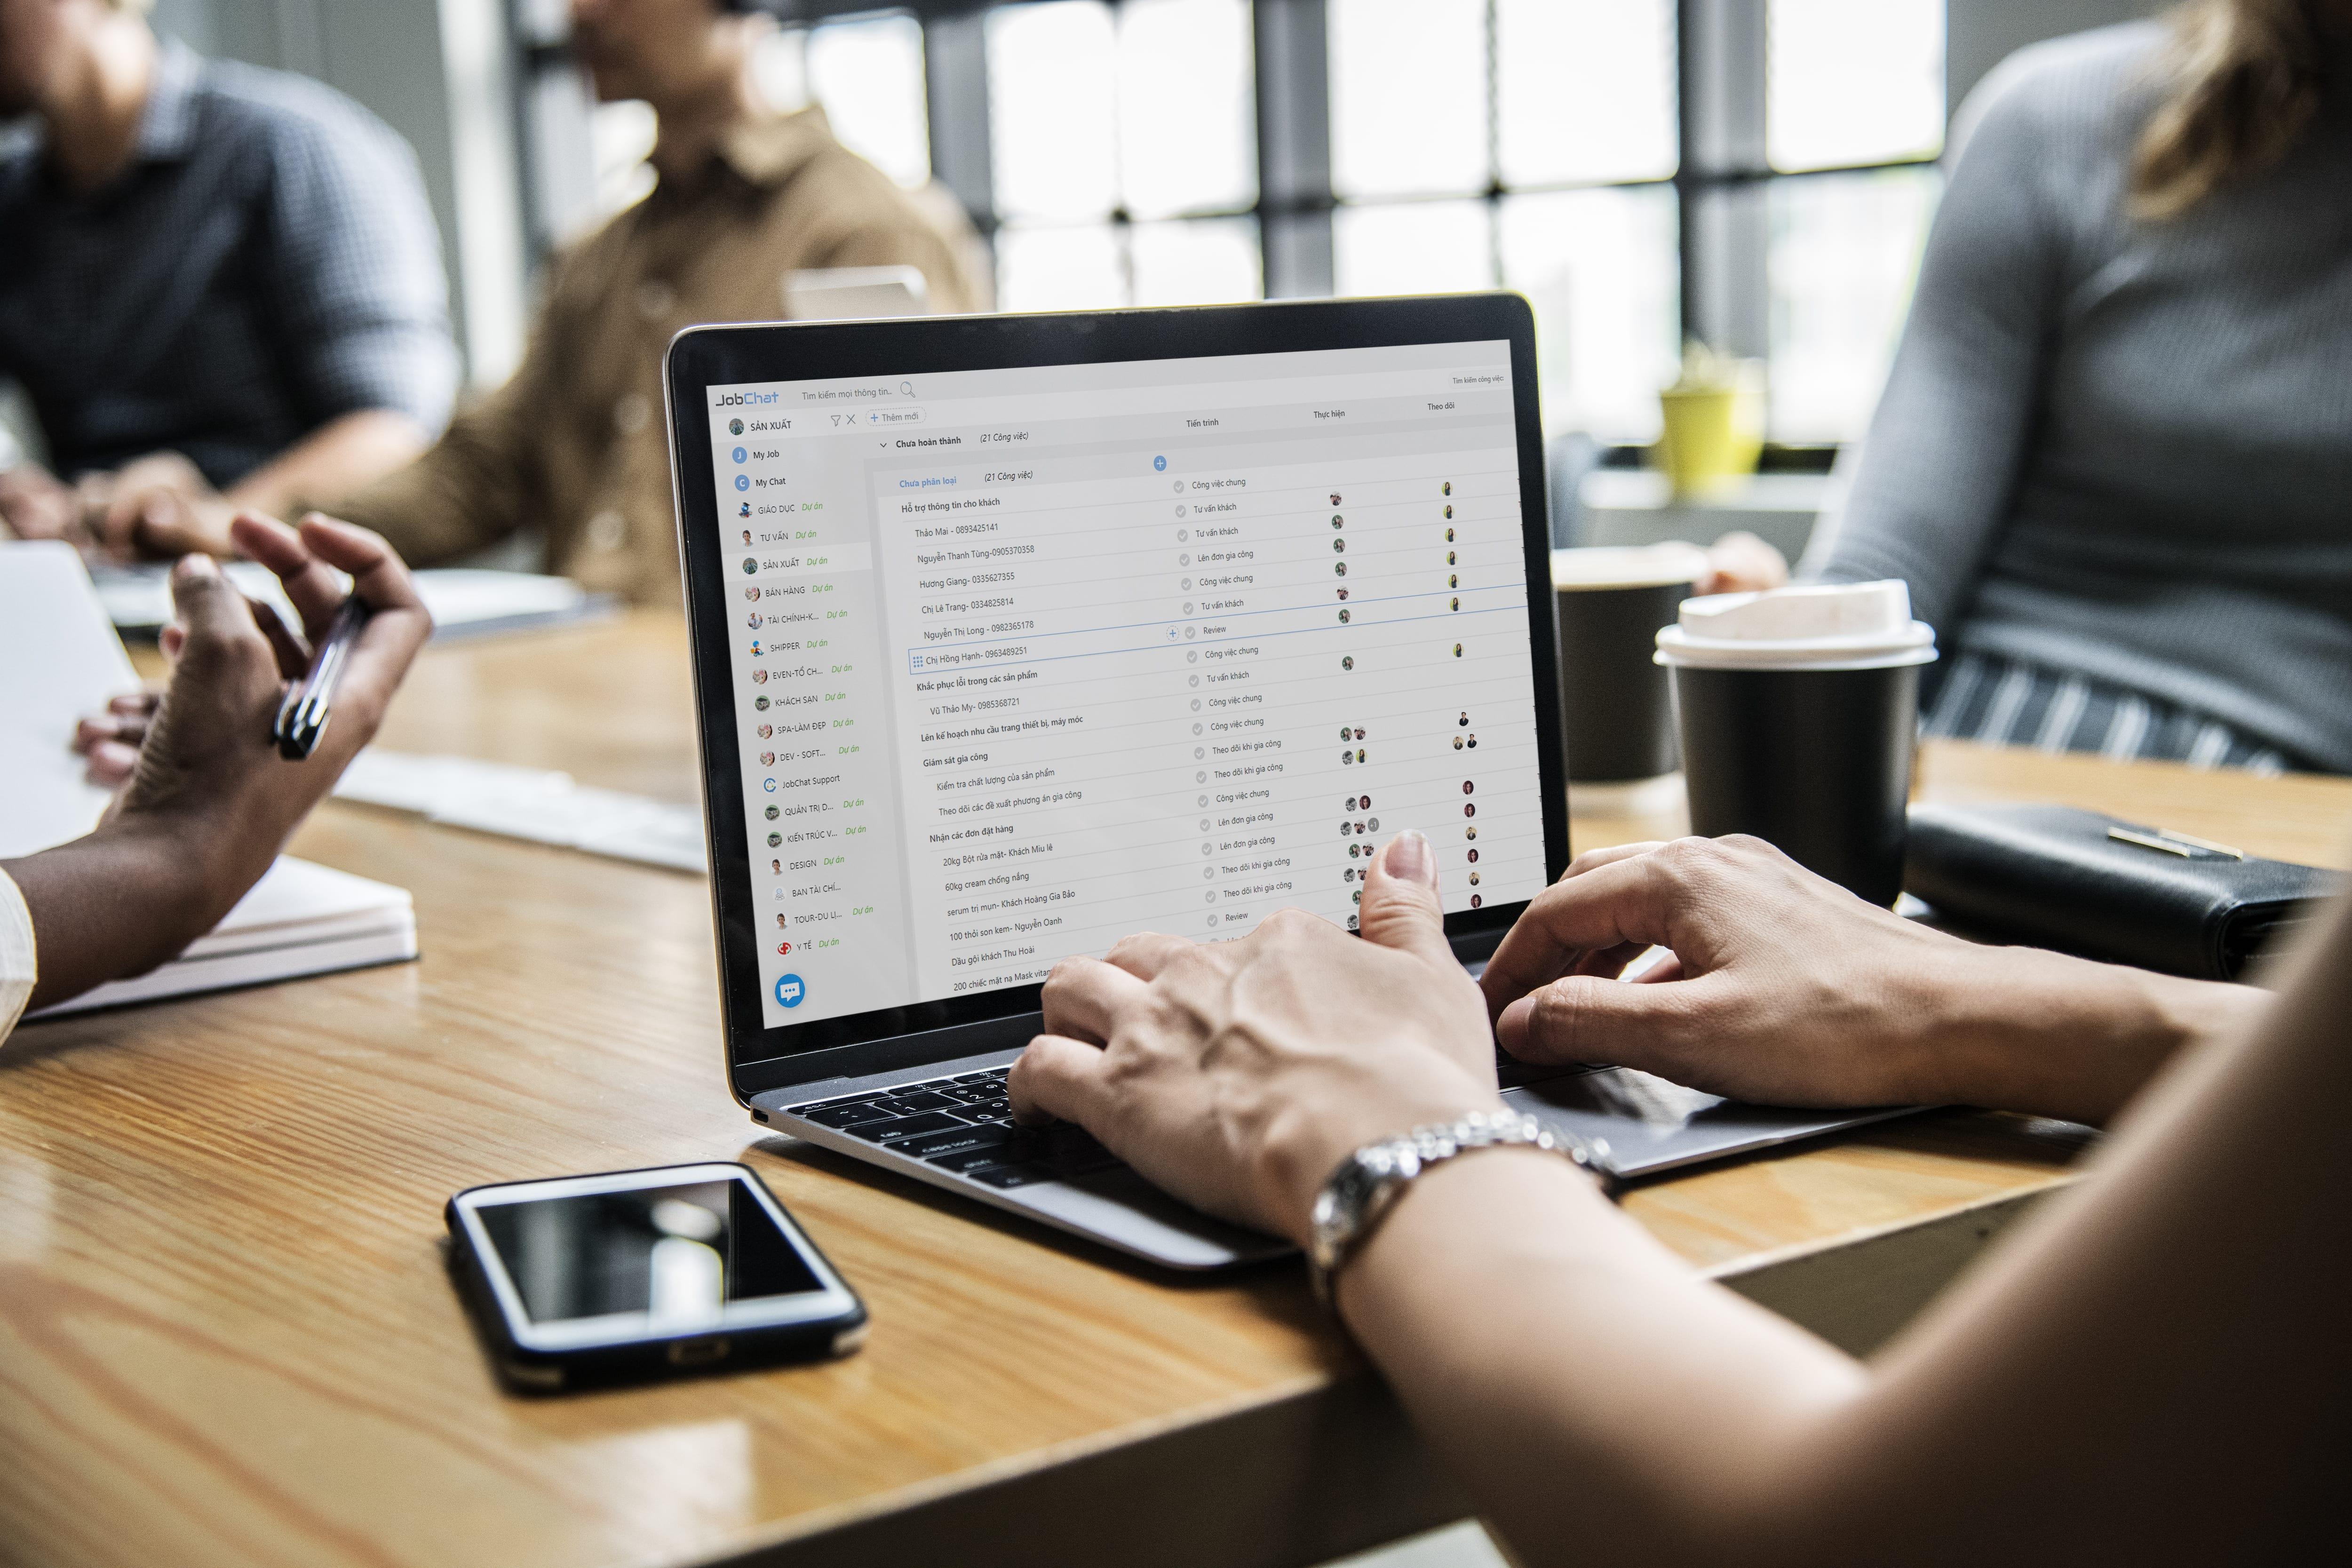 Phân công việc hiệu quả bằng phần mềm quản lý công việc